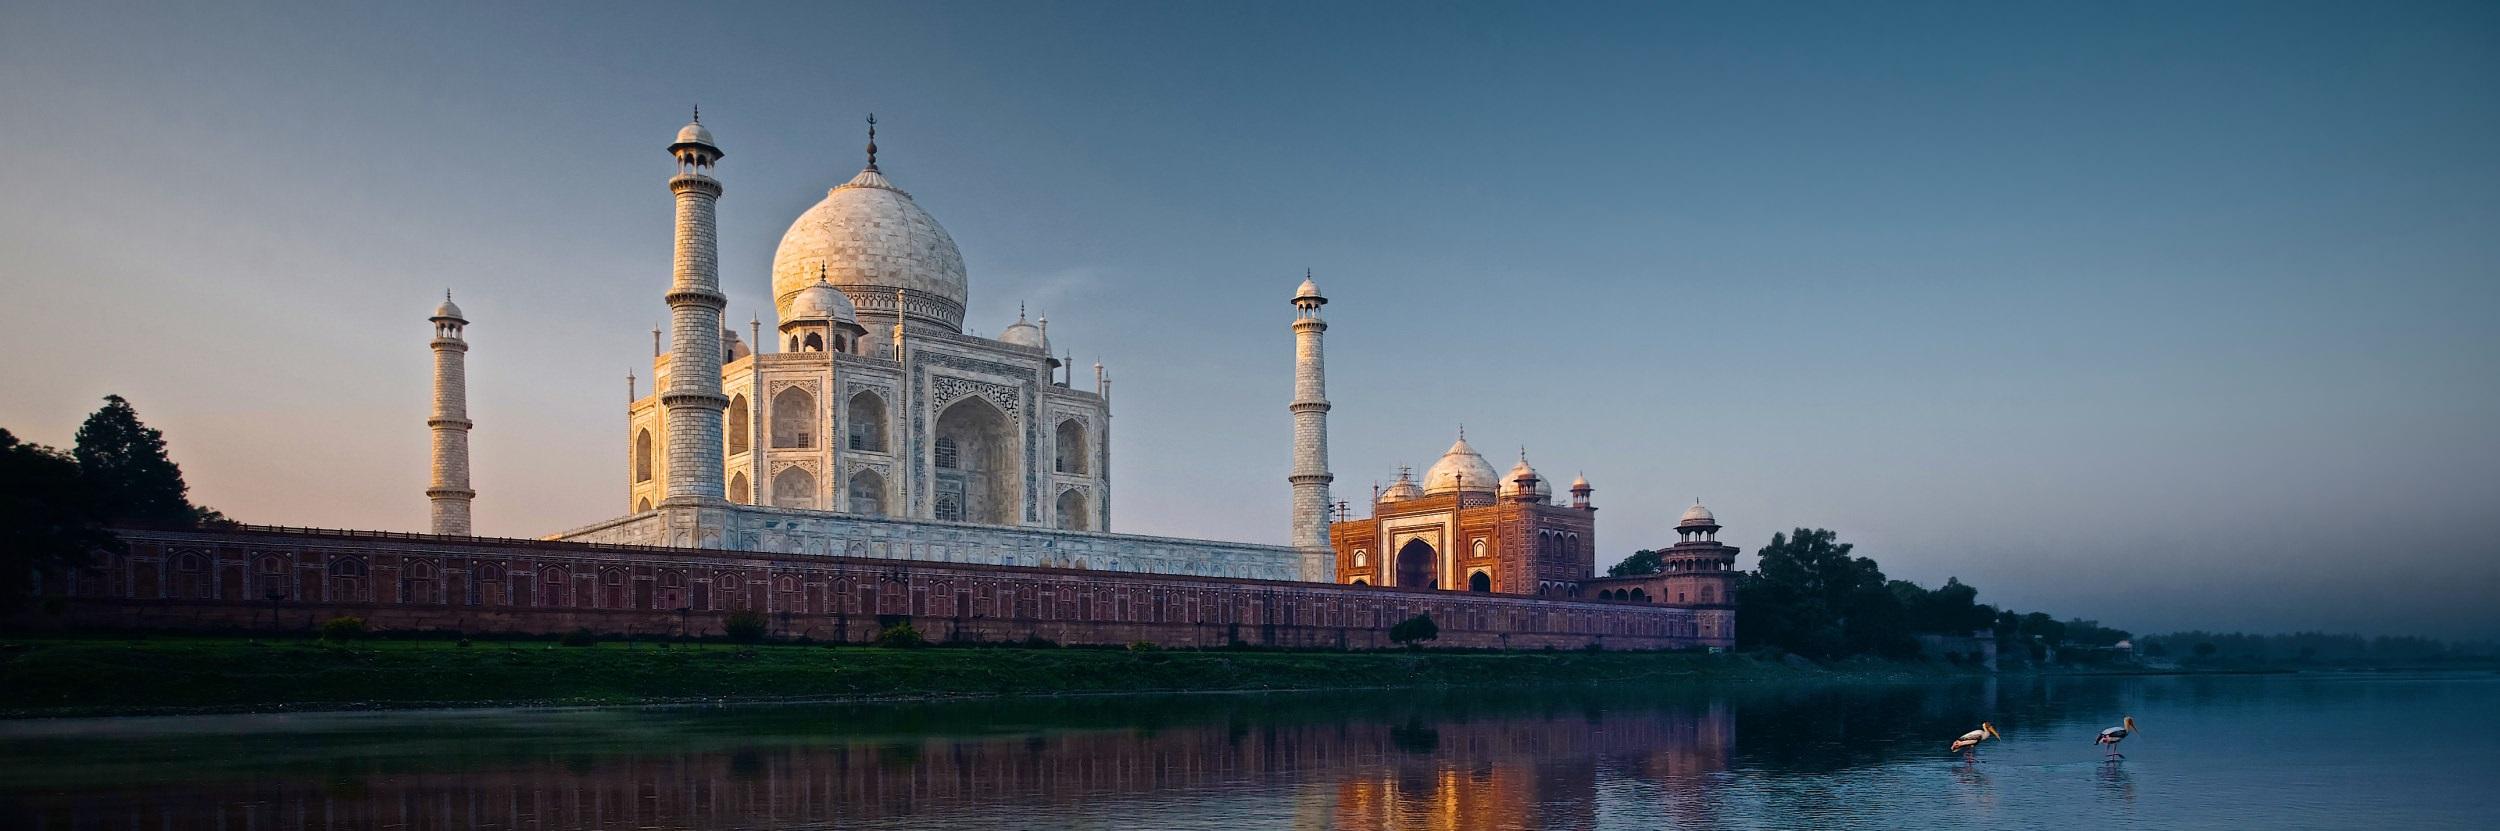 India Tour Tips